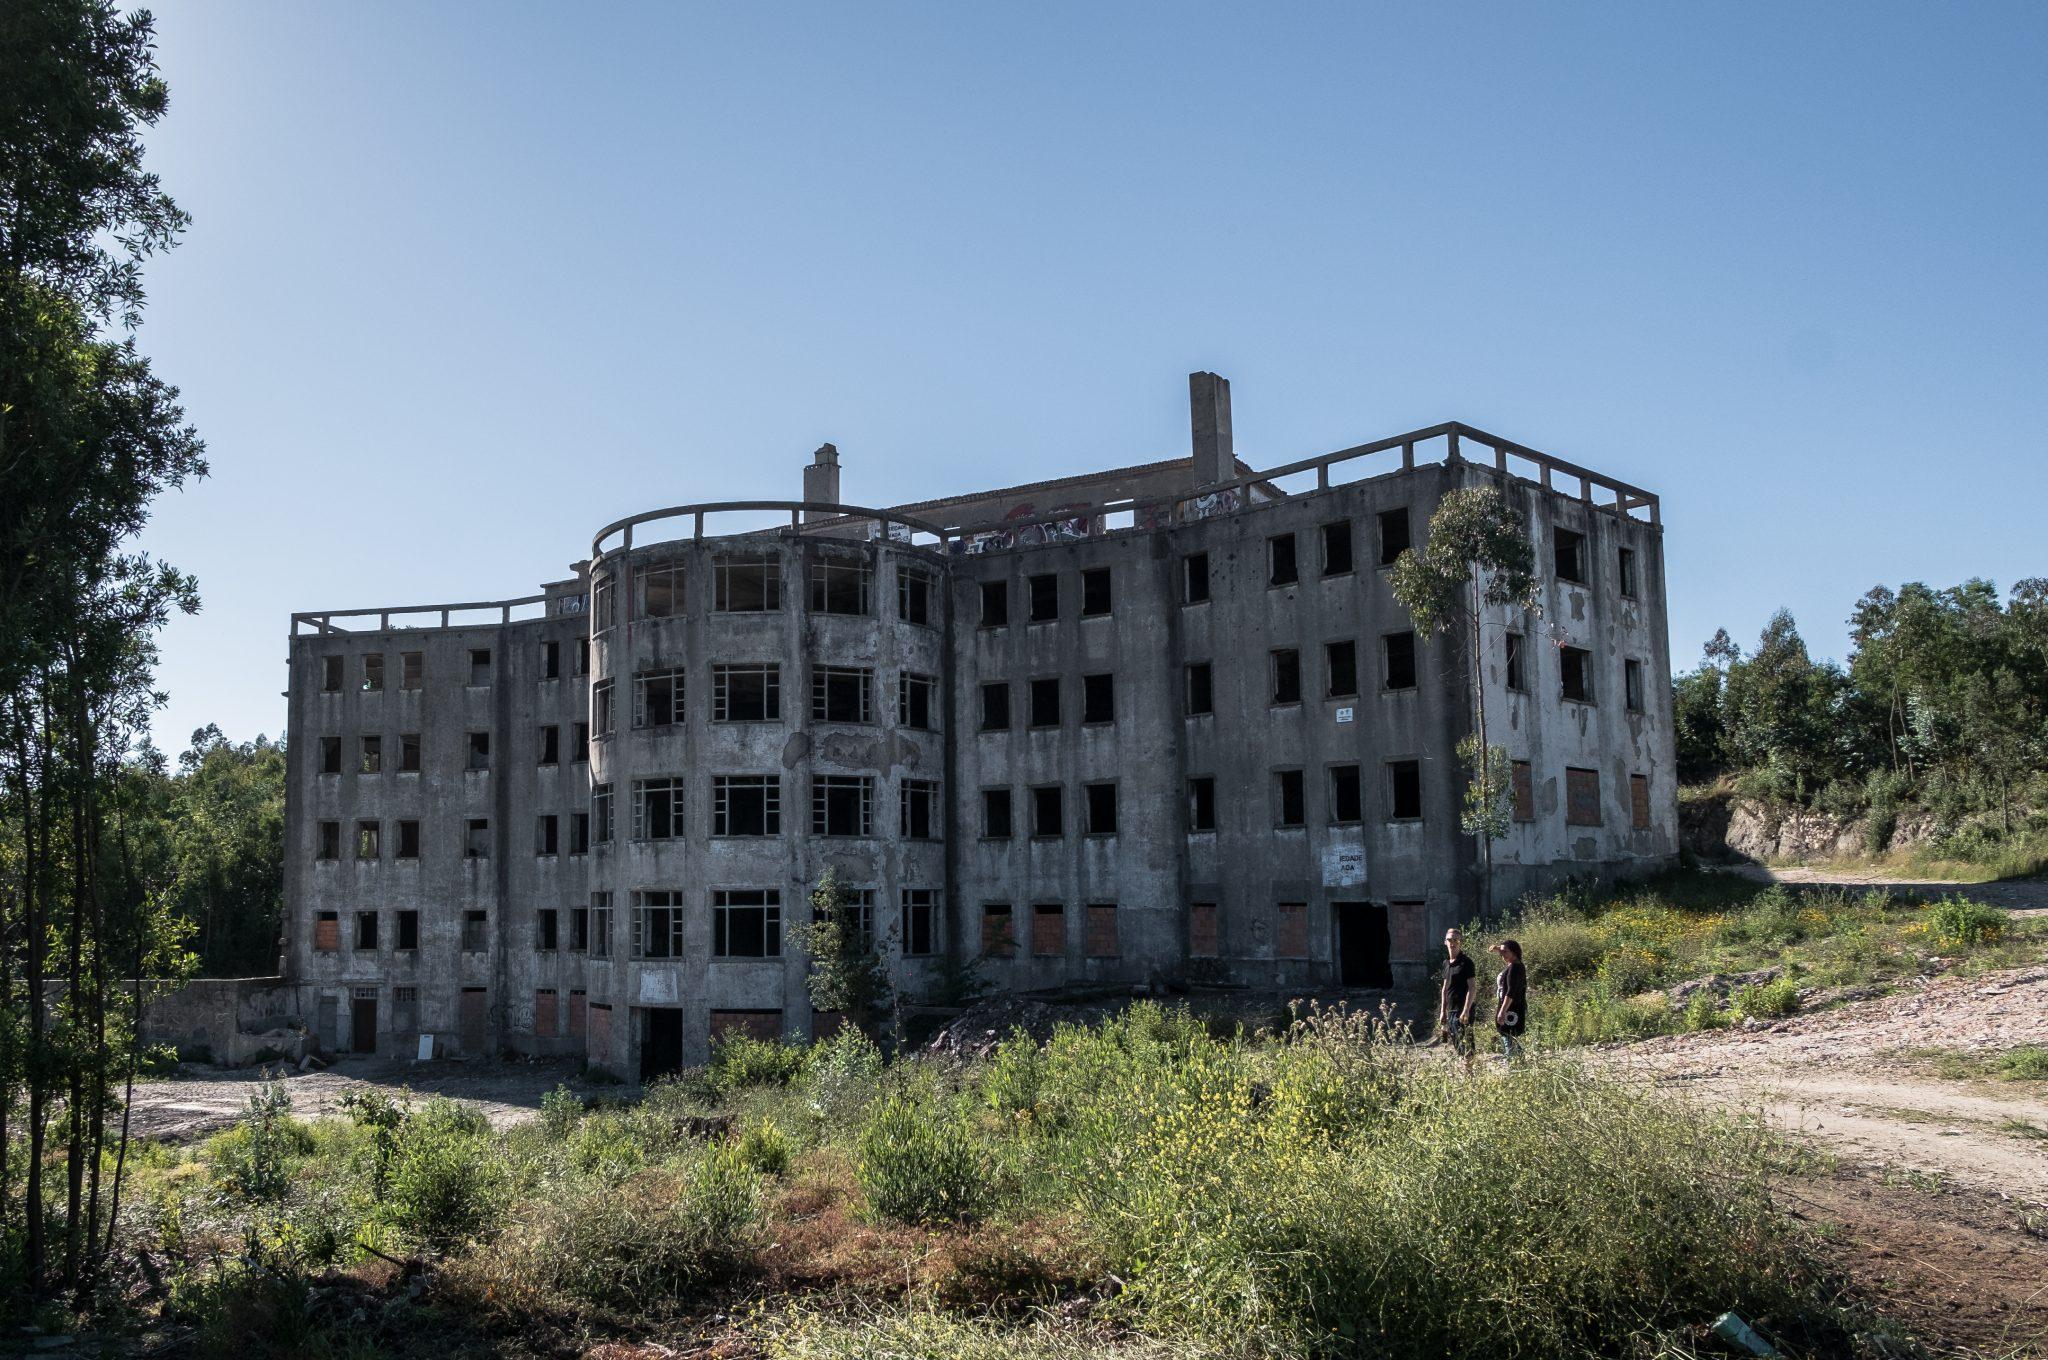 Sanatorium de Valongo 1 van 1 2